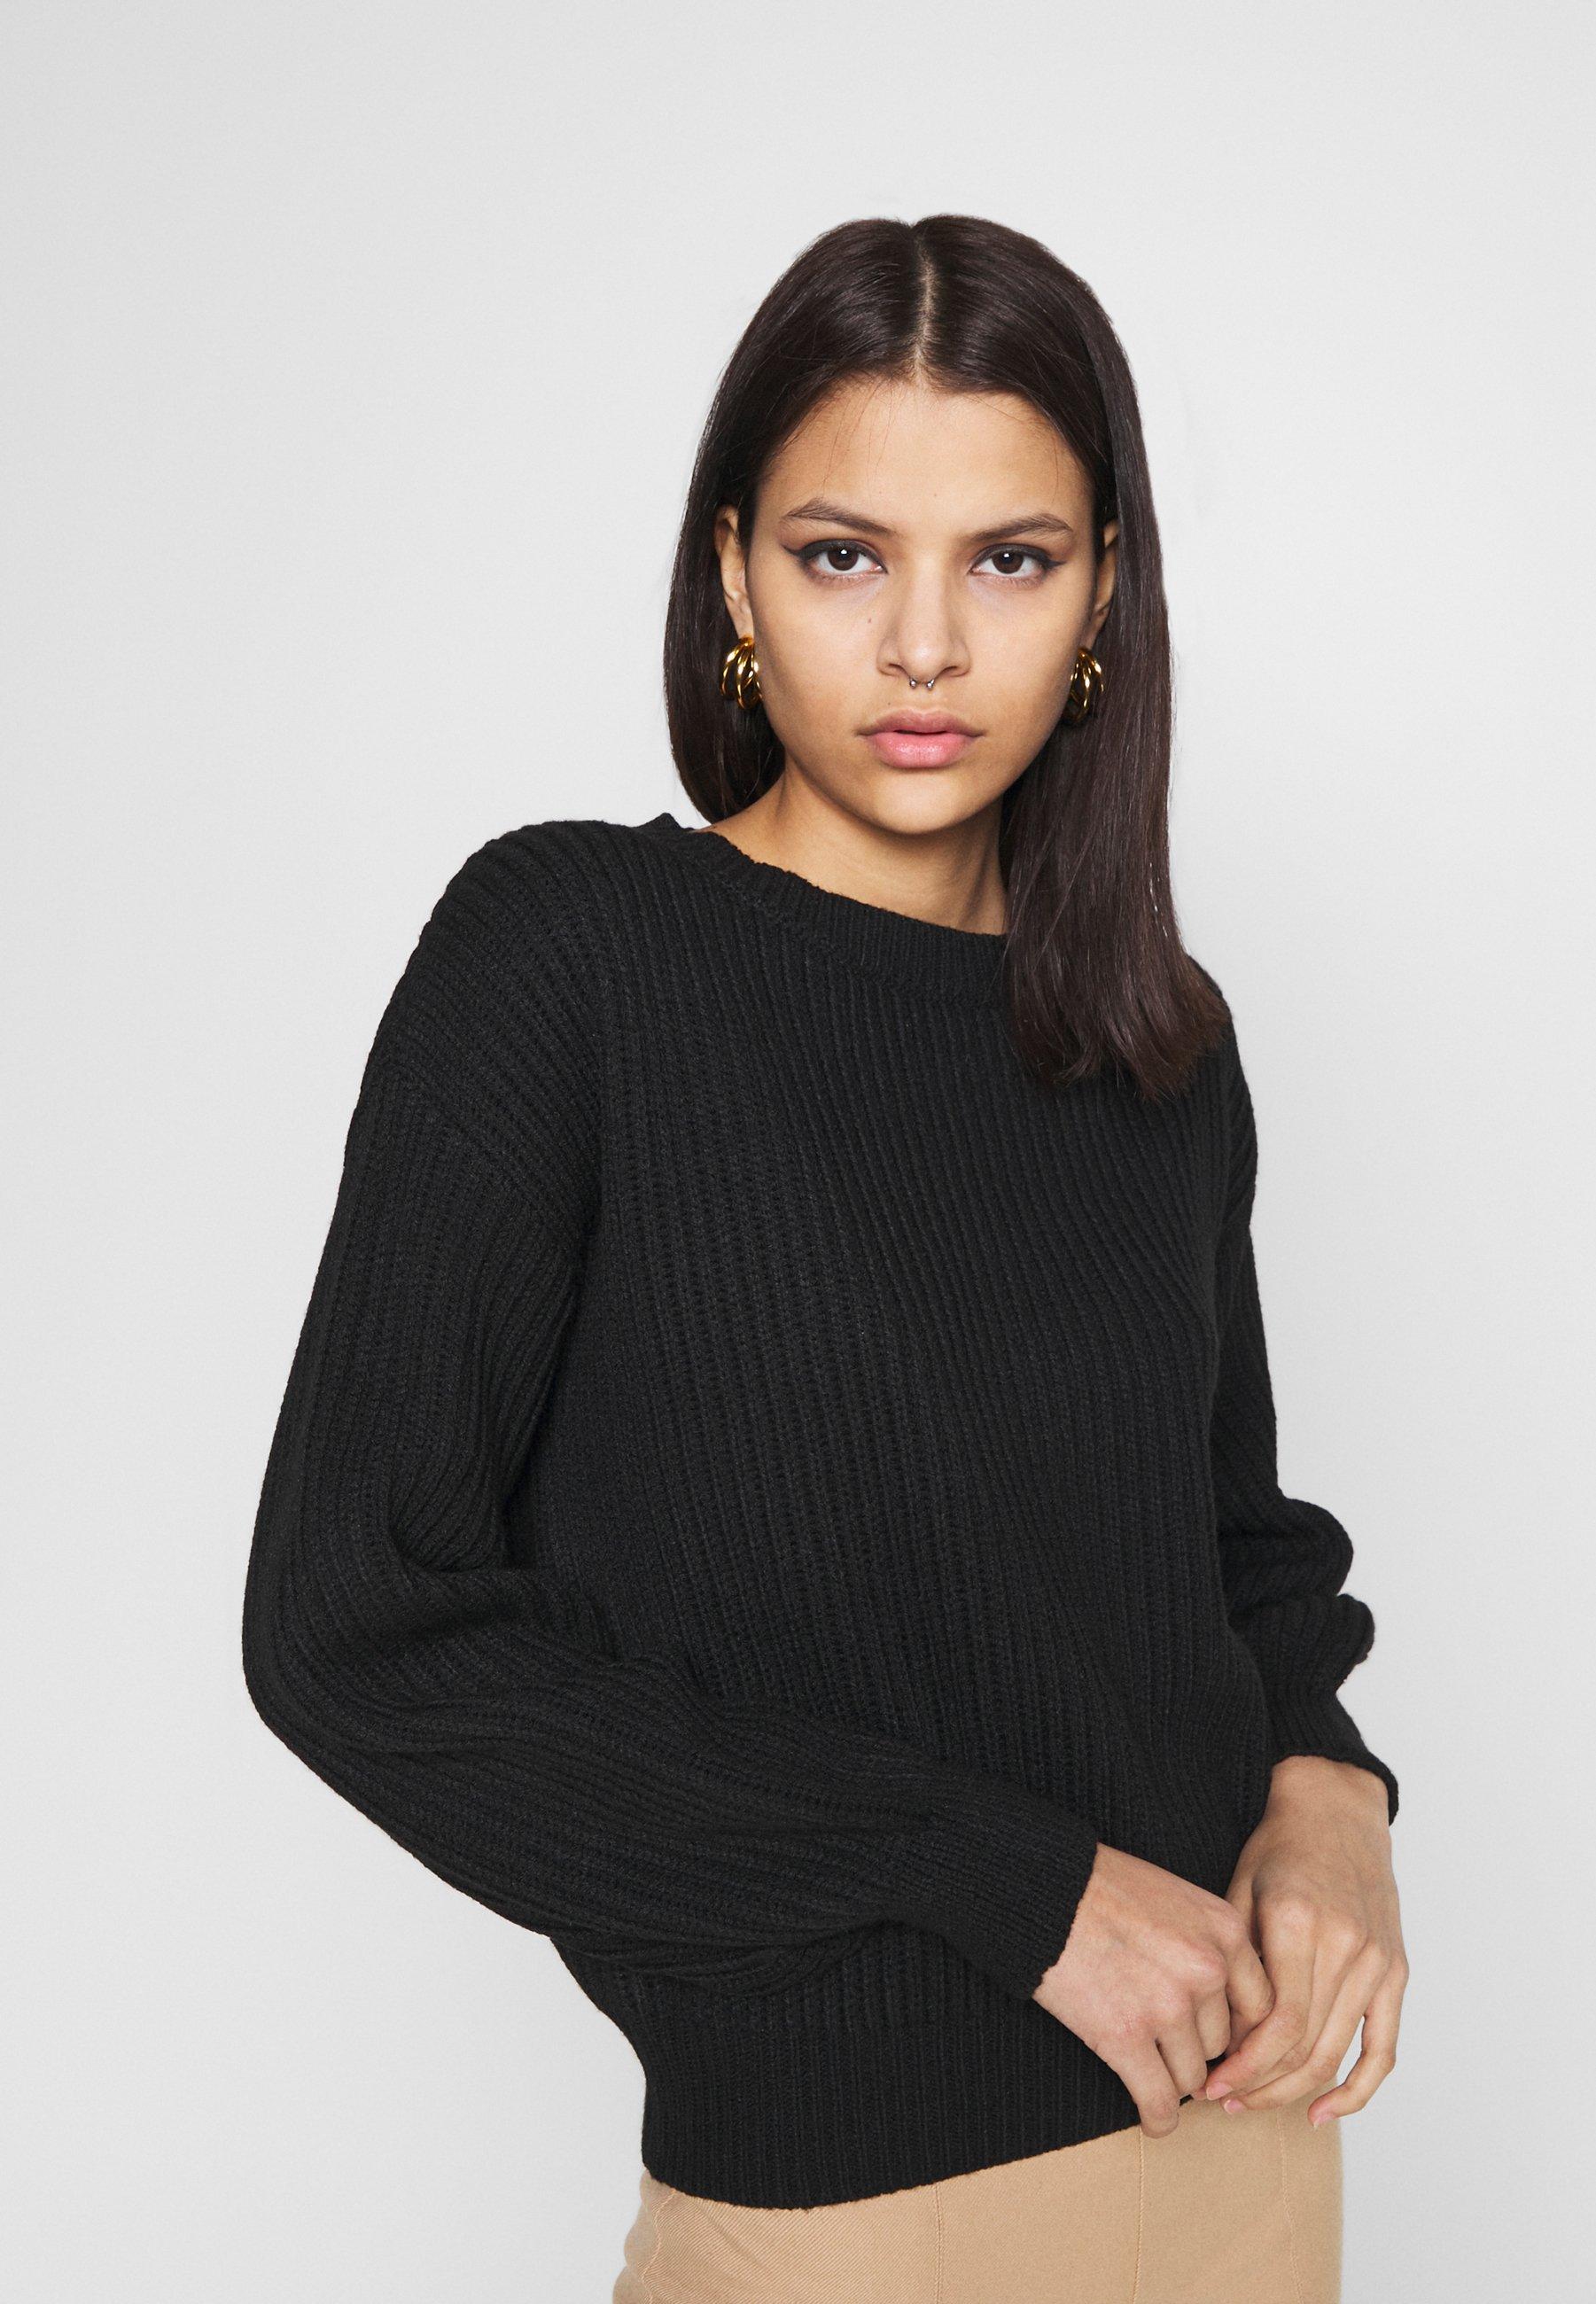 Femme MATIAMU BY SOFIA  - Pullover